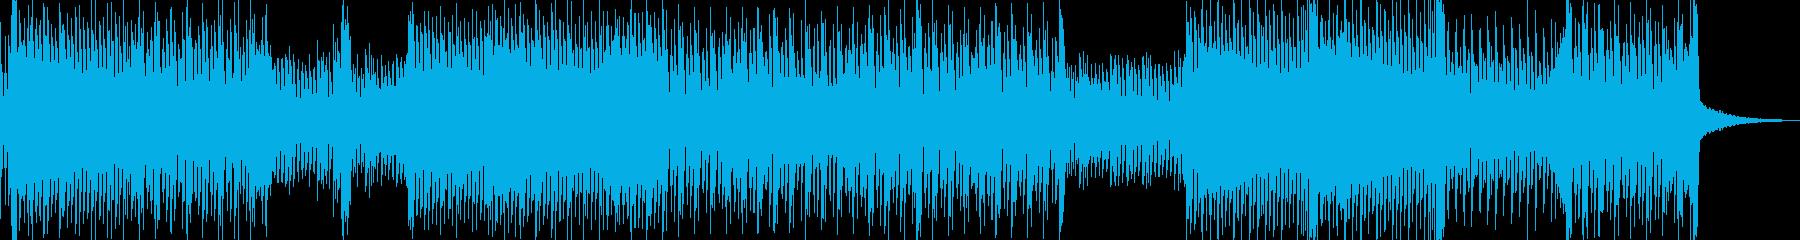 幻想的なハウス寄りの高速テクノの再生済みの波形